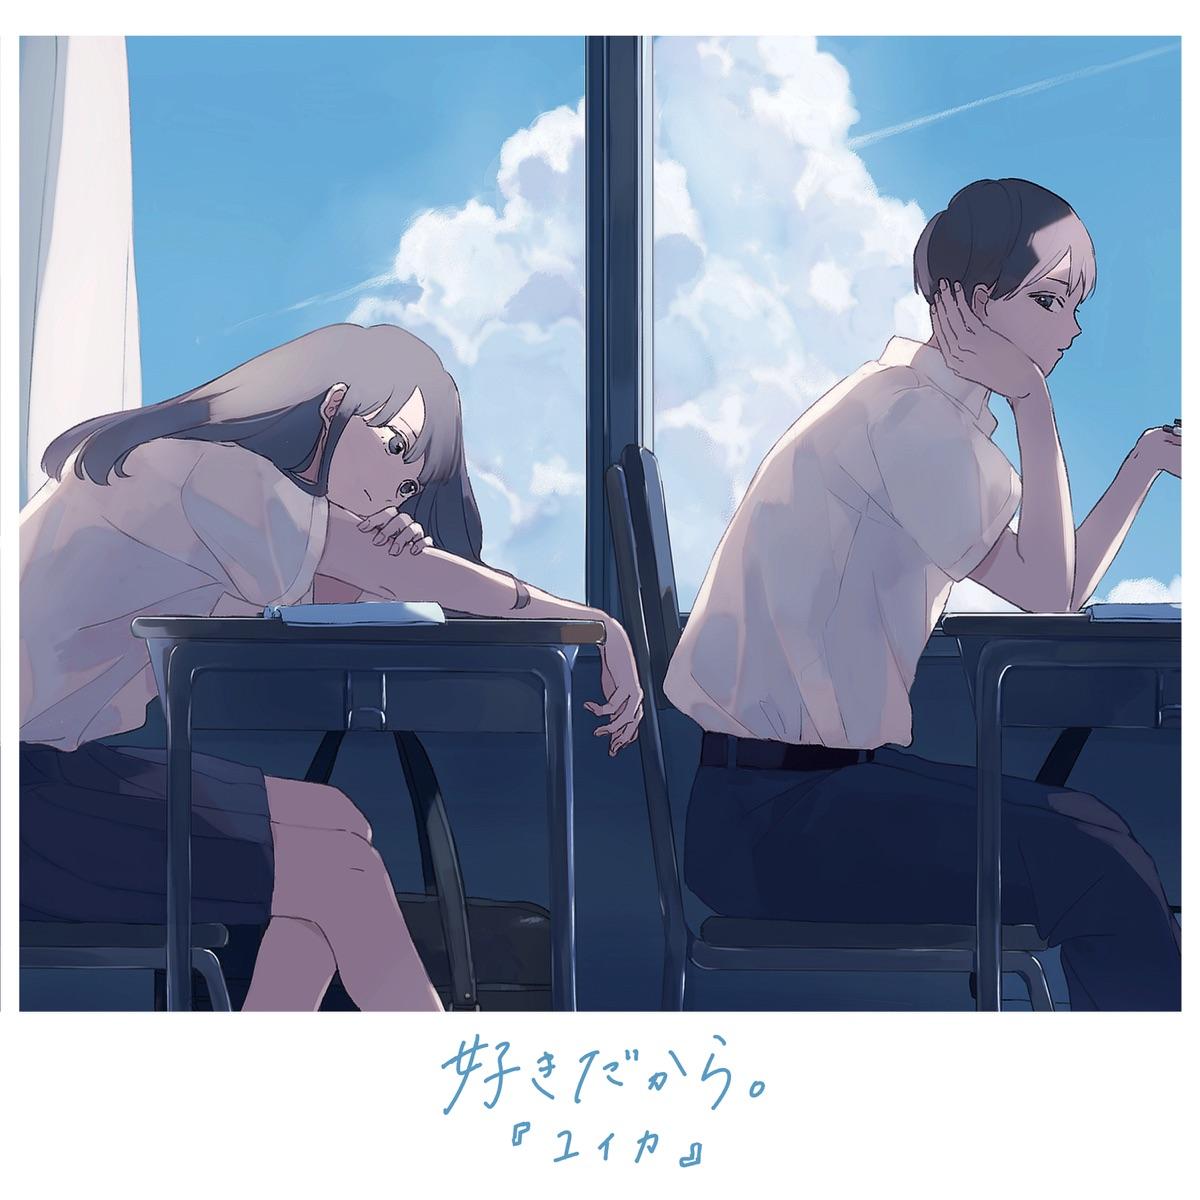 Cover image of『YuikaSukidakara』from the Album『Suki Dakara.』